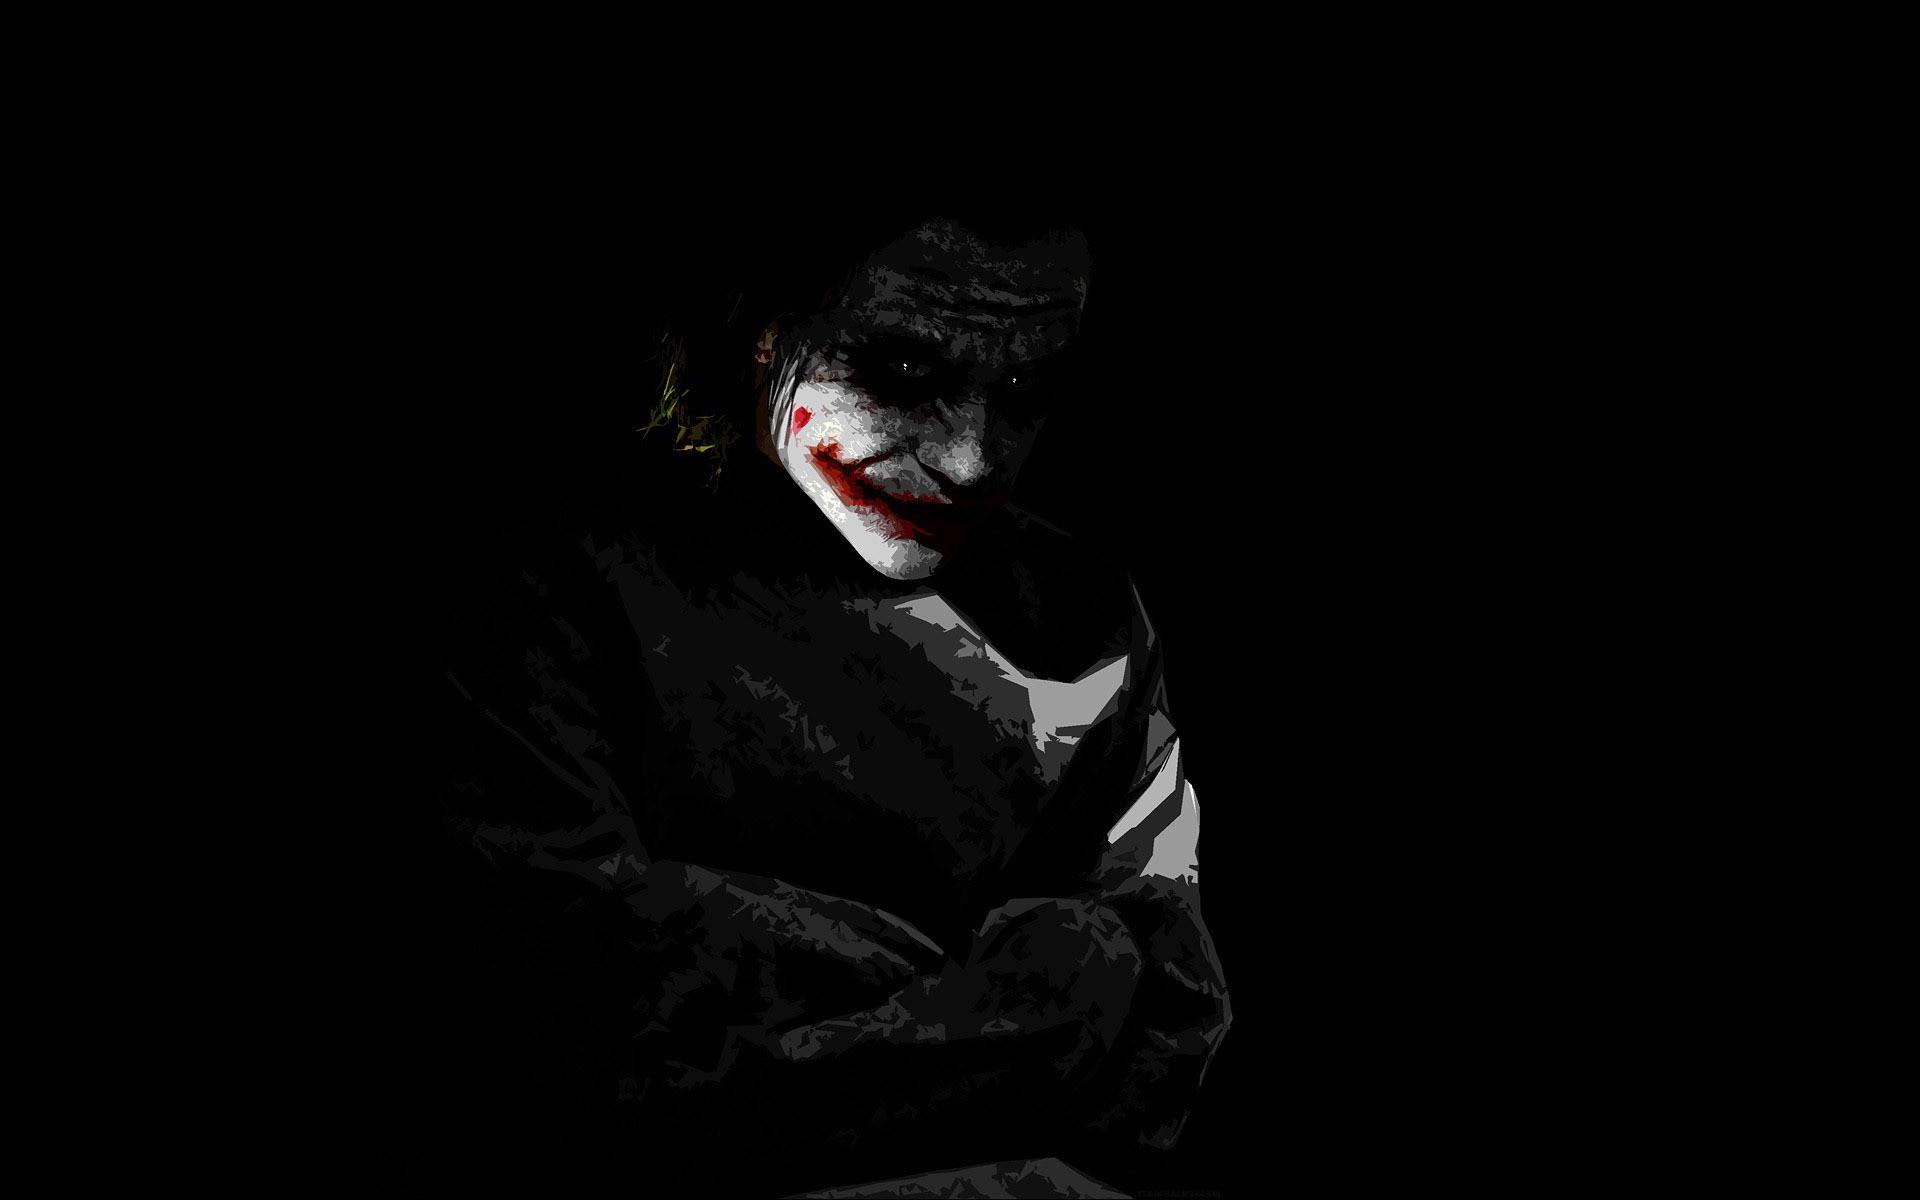 joker hd wallpapers 1080p download